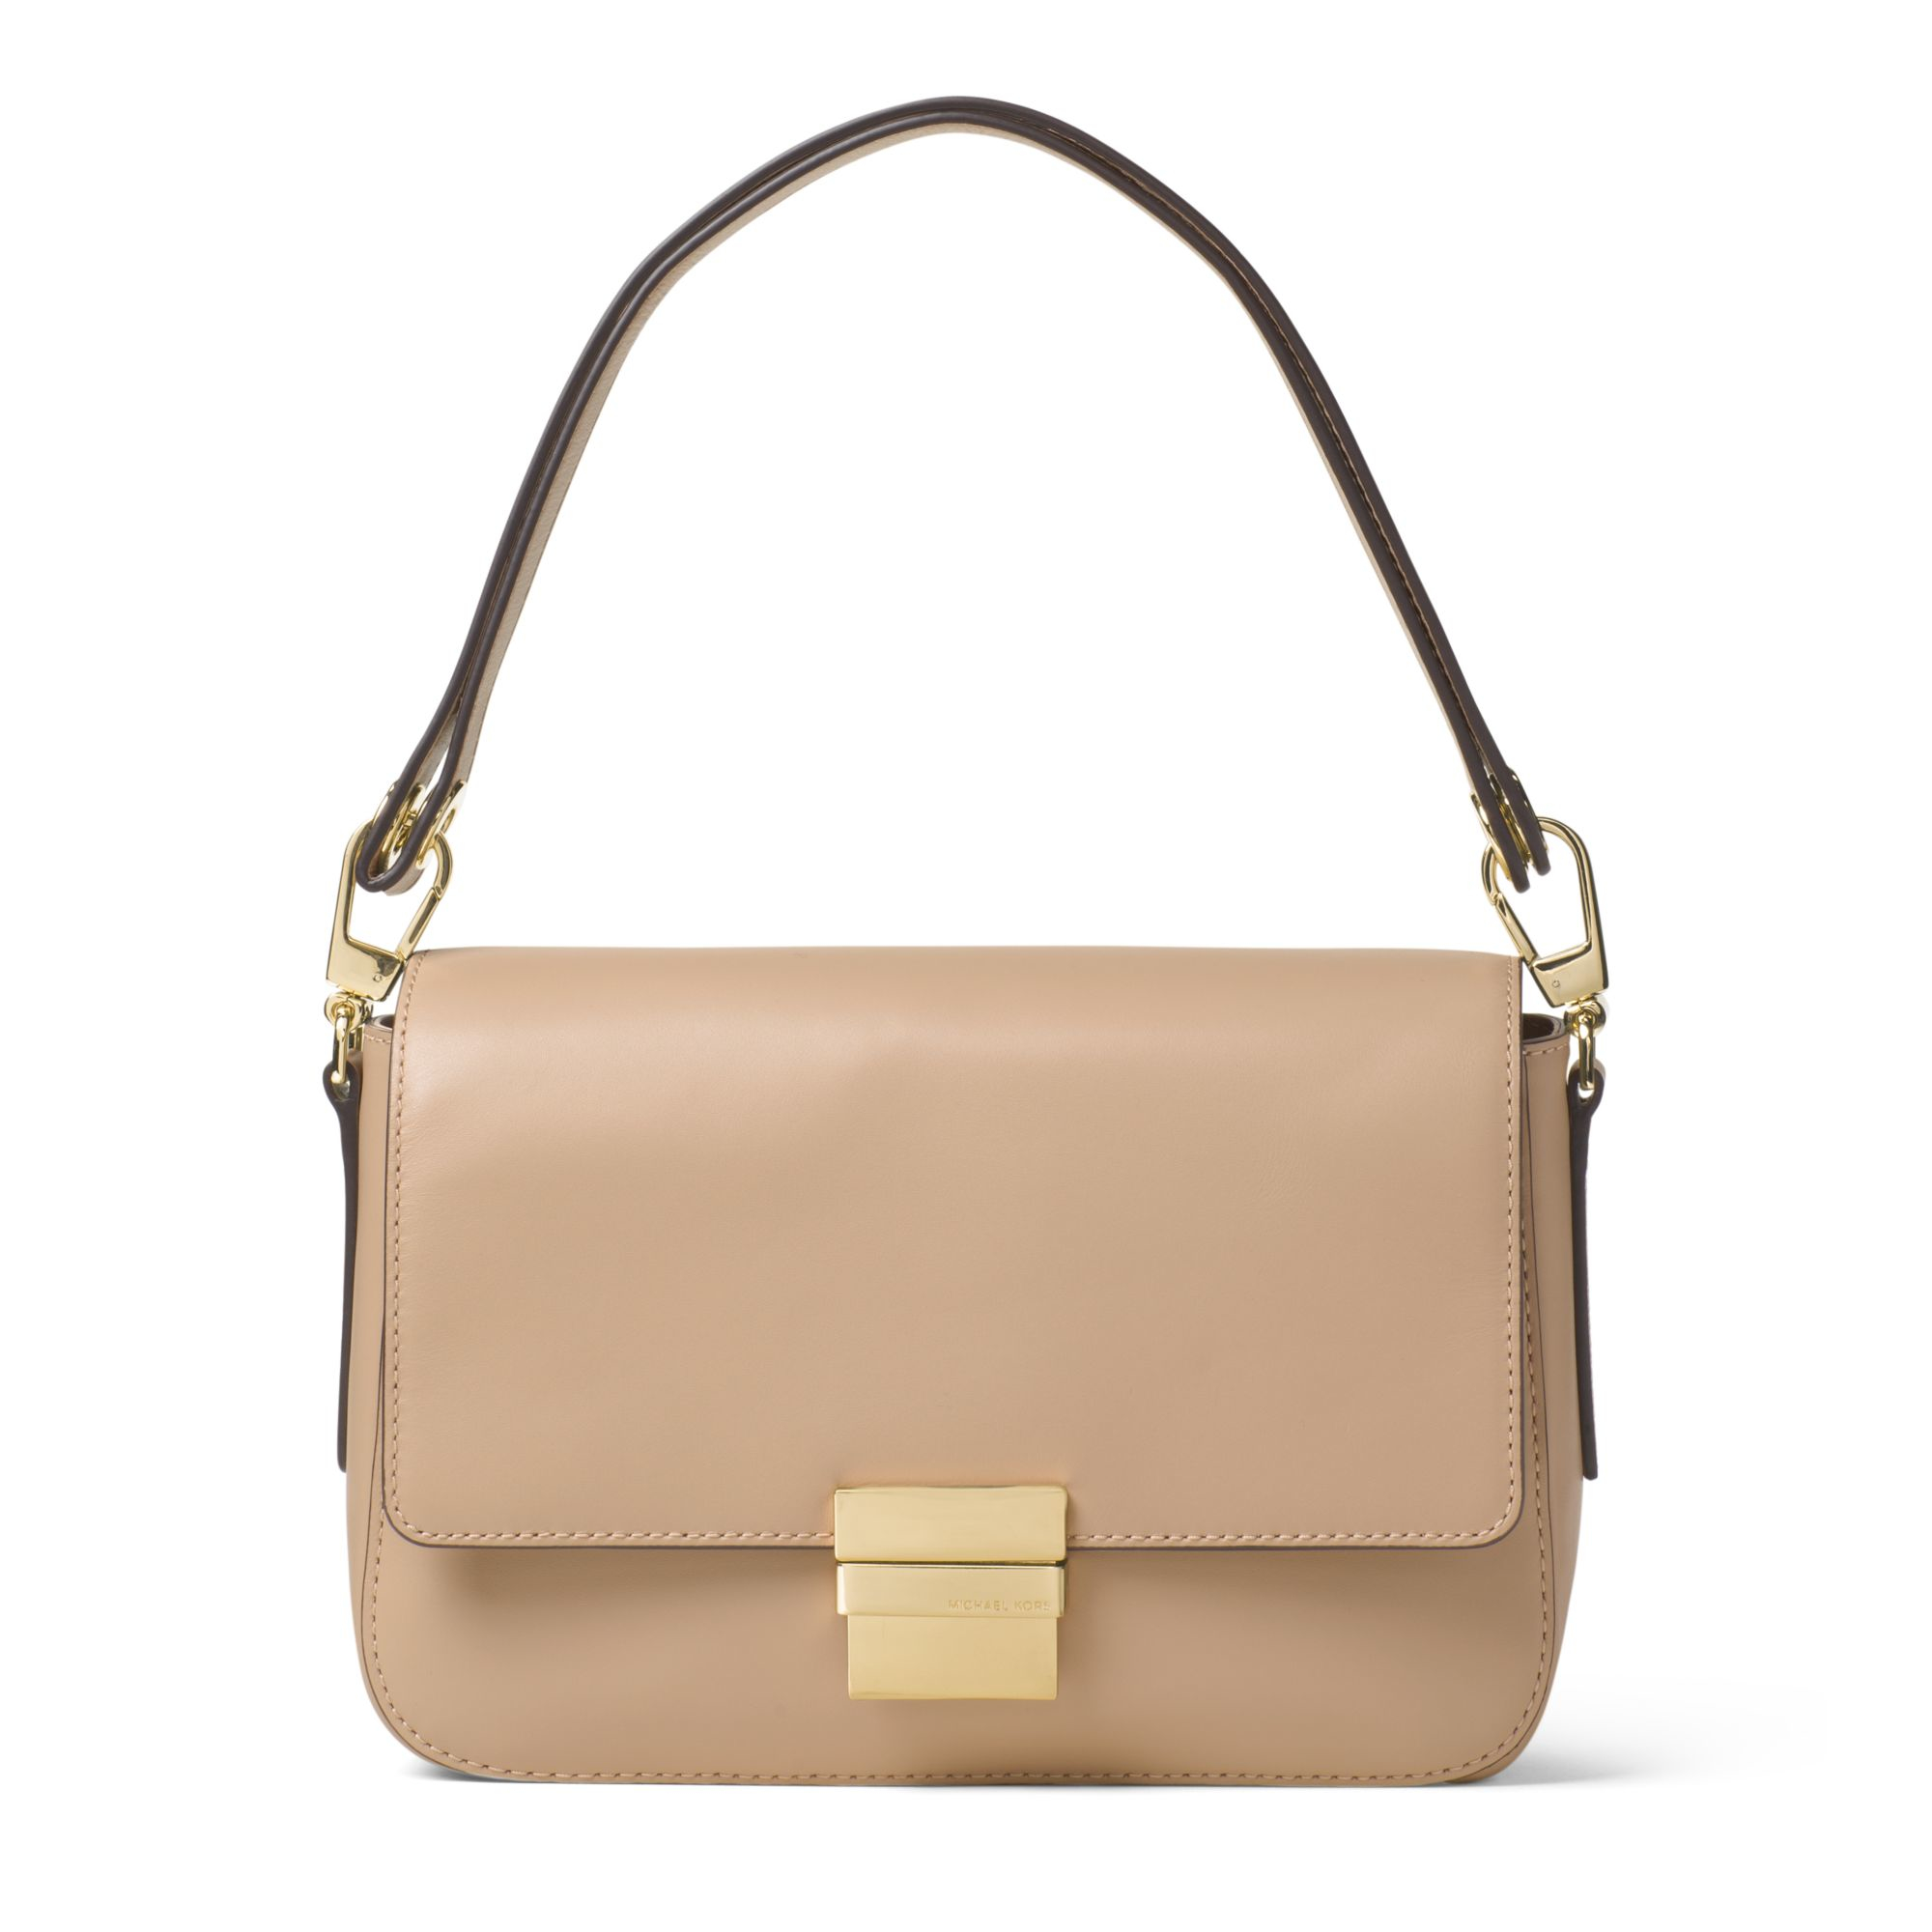 0051a04f11ad8 order michael kors madelyn large leather shoulder bag in natural lyst fd2dc  2af26